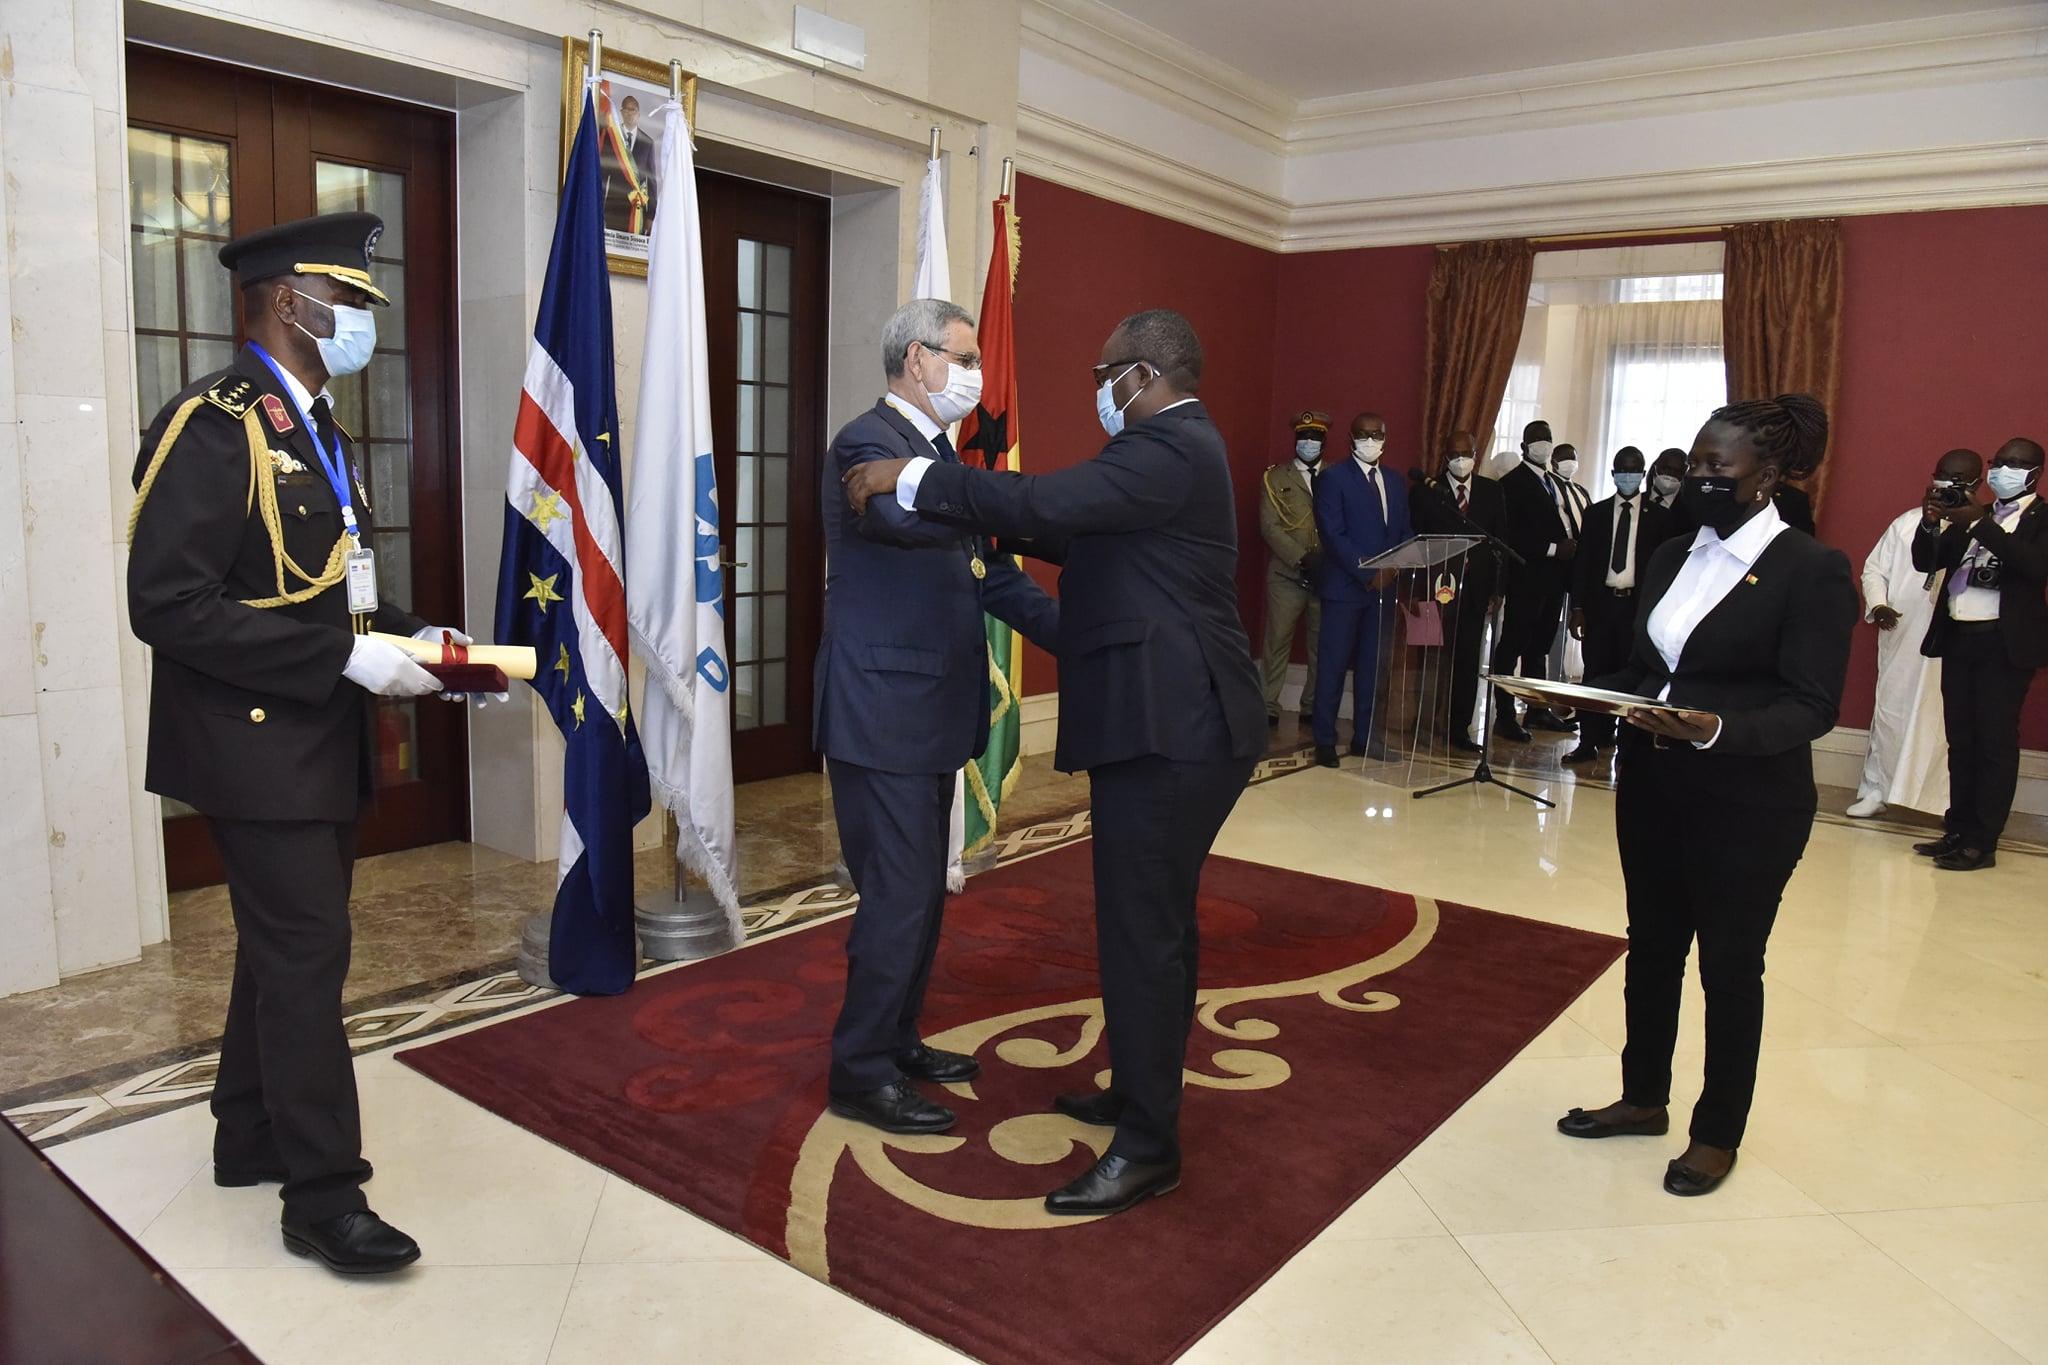 Presidente de Cabo Verde, Jorge Carlos Fonseca, com Presidente da Guiné-Bissau, Umaro Sissoco Embaló, na Guiné-Bissau